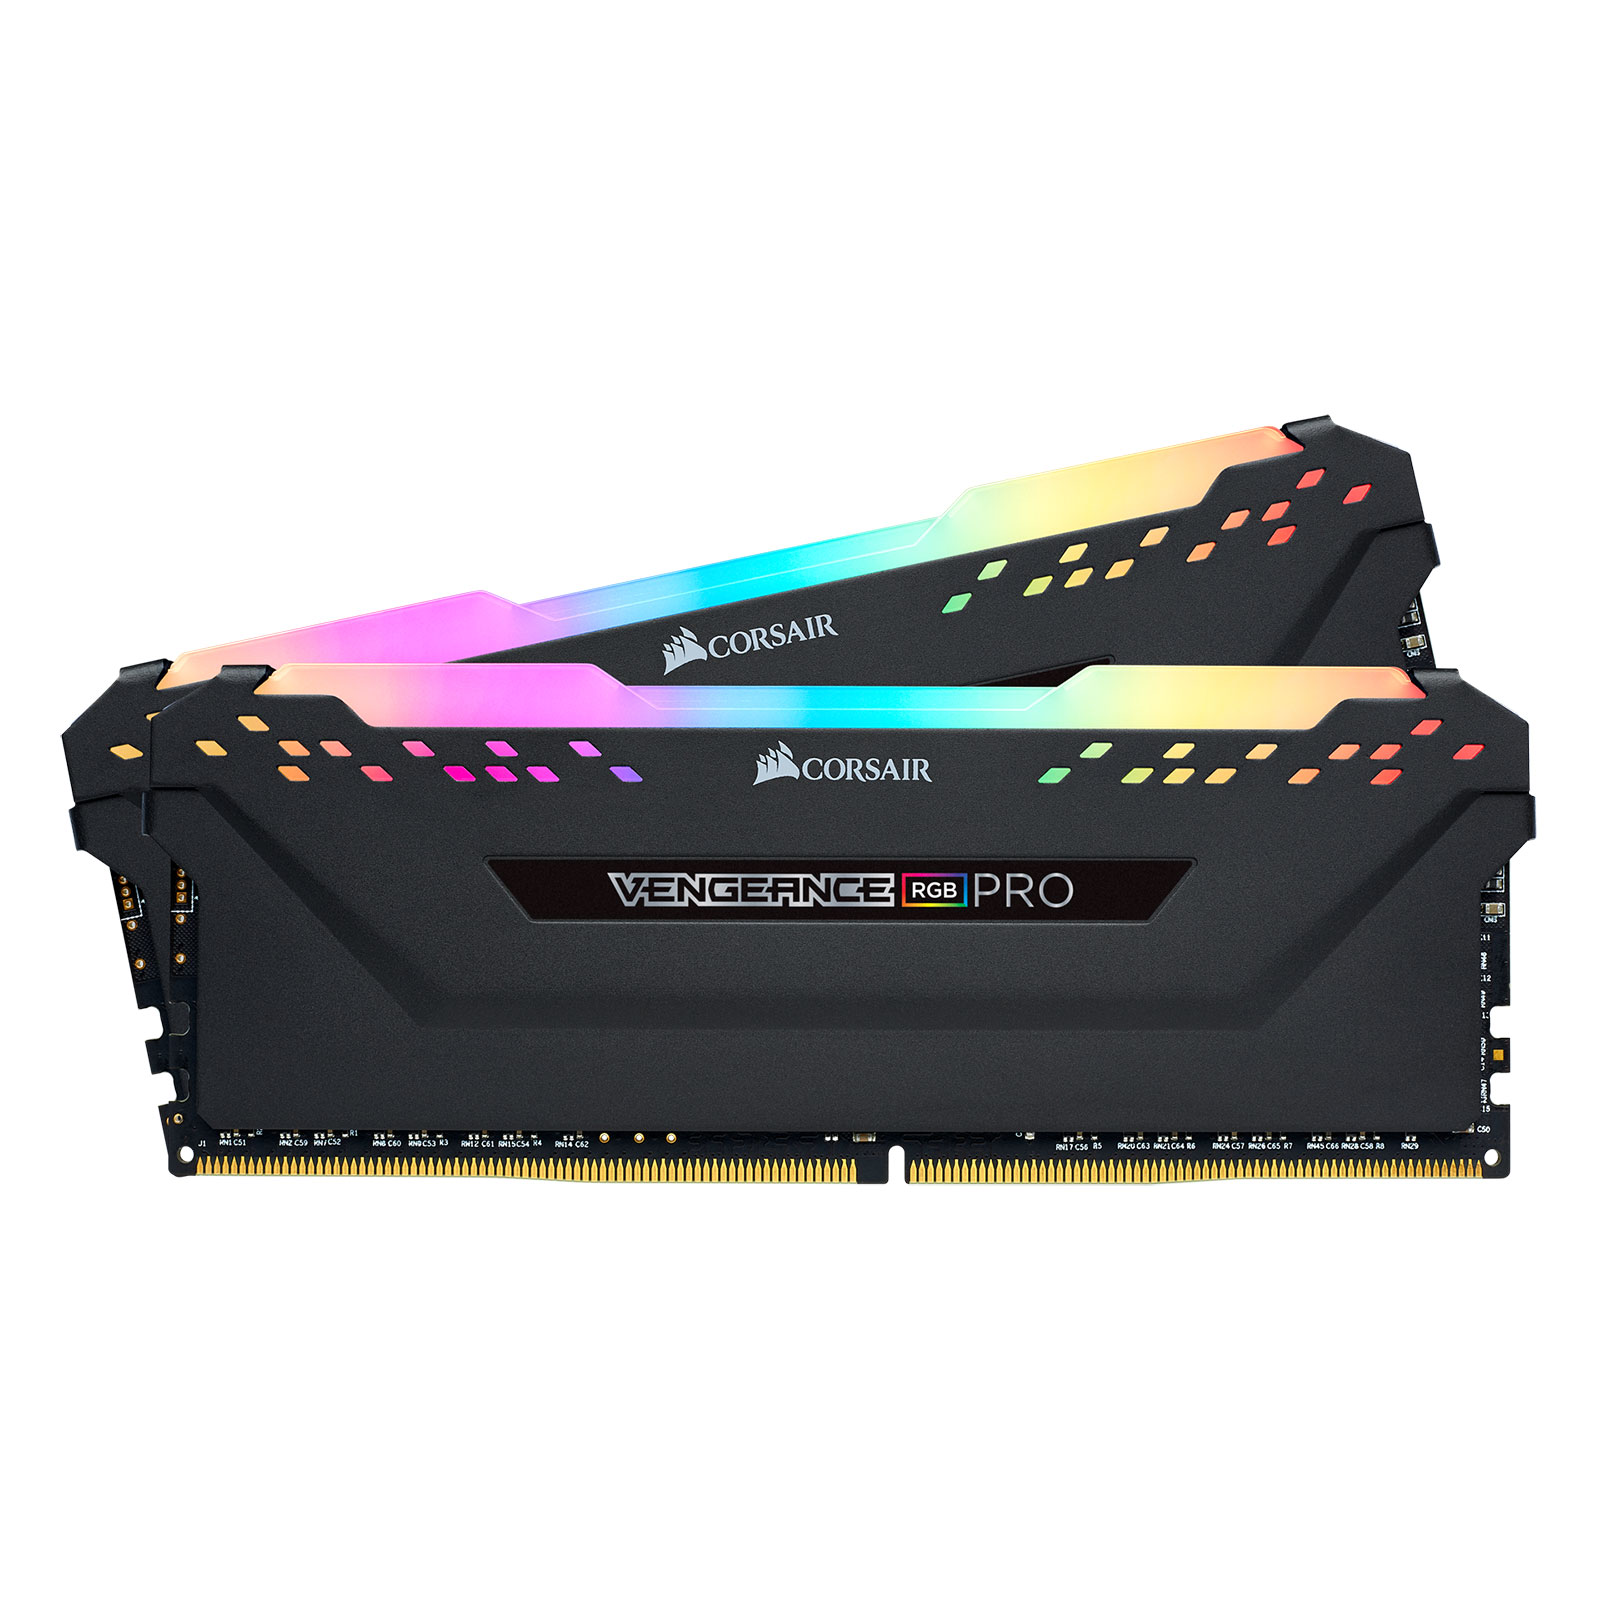 Corsair Vengeance RGB PRO Black Heat Spreader  16Go DDR4 3000MHz PC24000 - Mémoire PC Corsair sur Cybertek.fr - 3